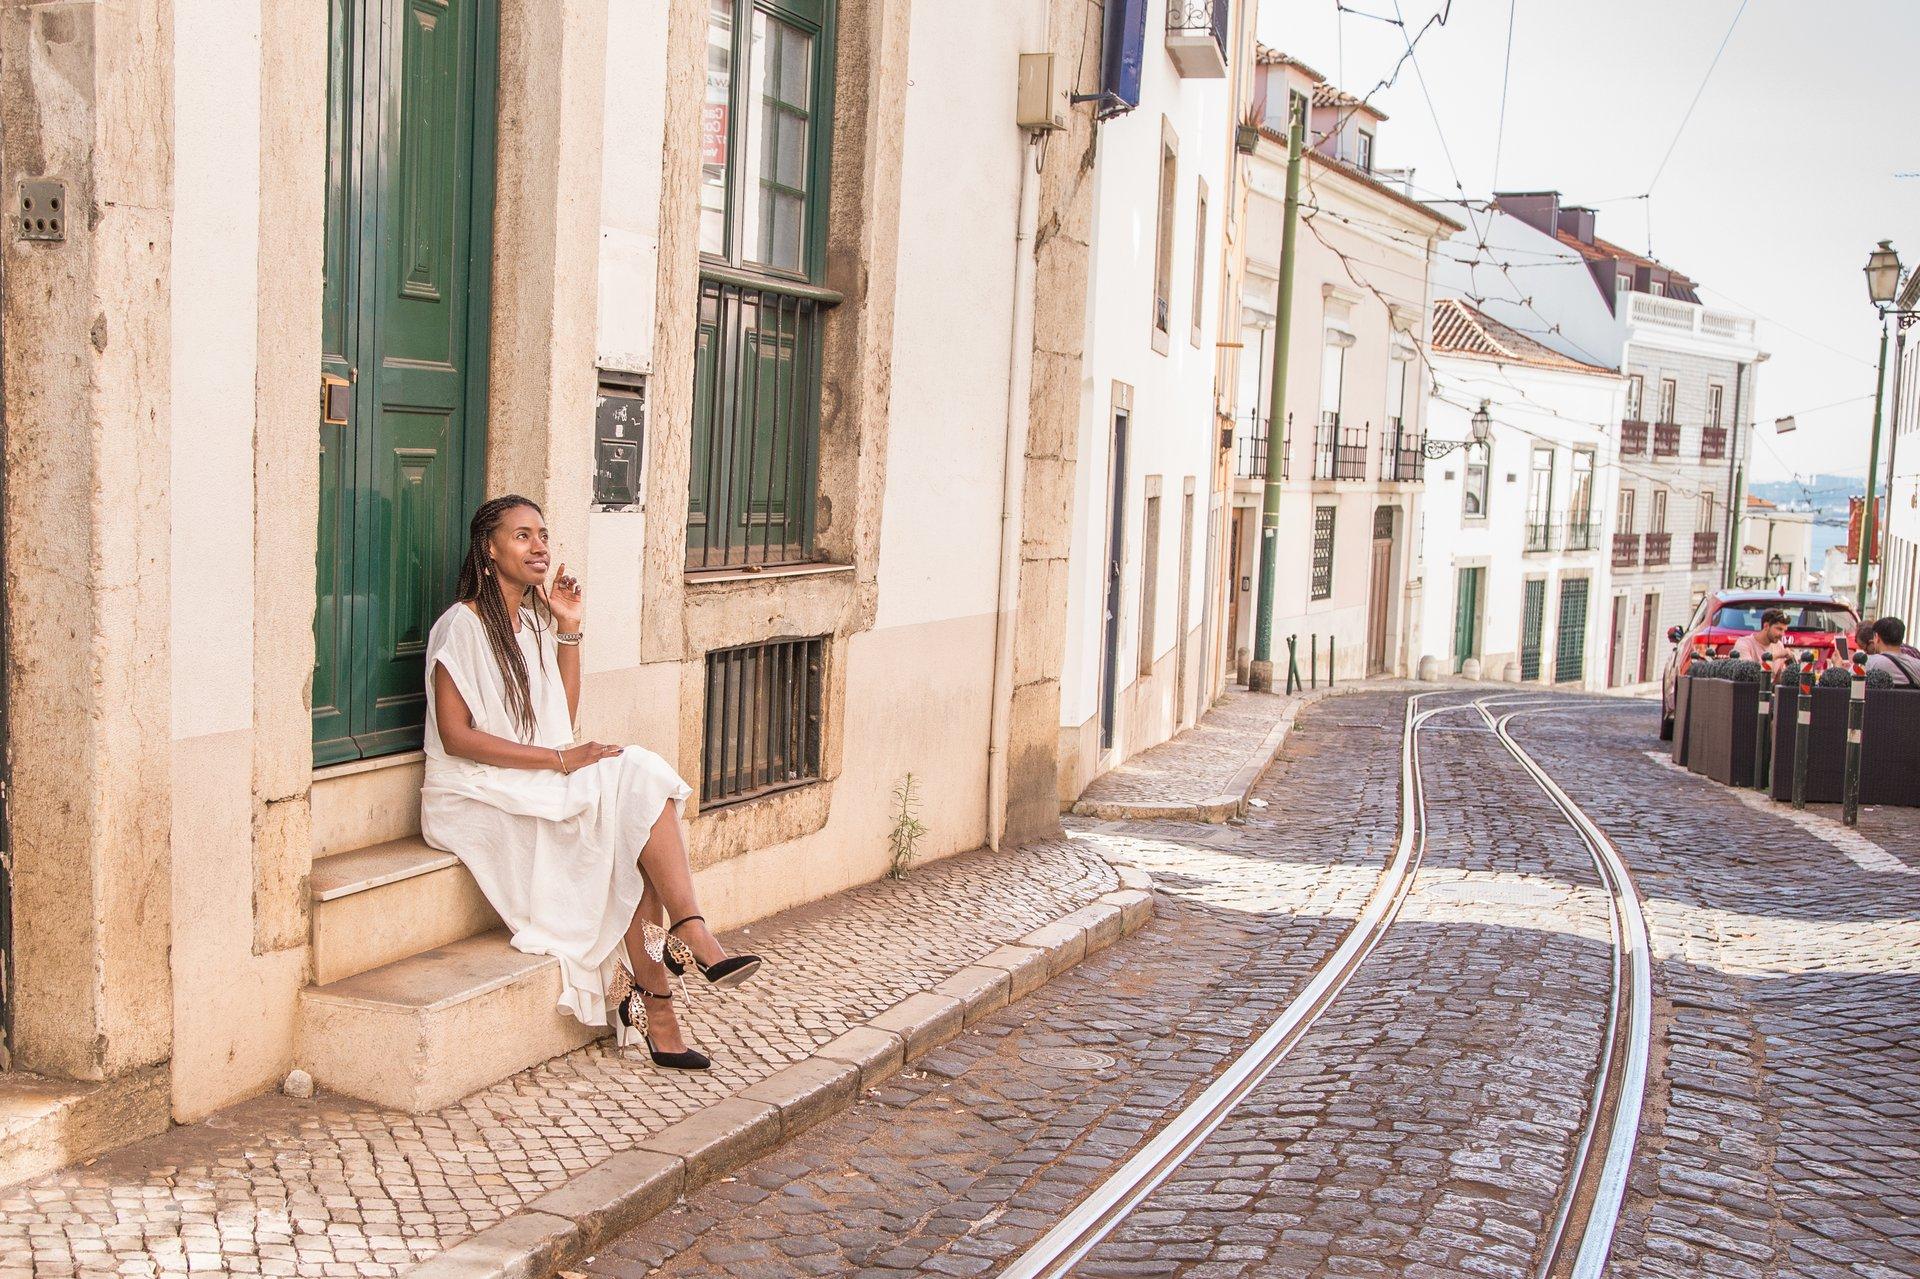 Maria's Portfolio - Image 4